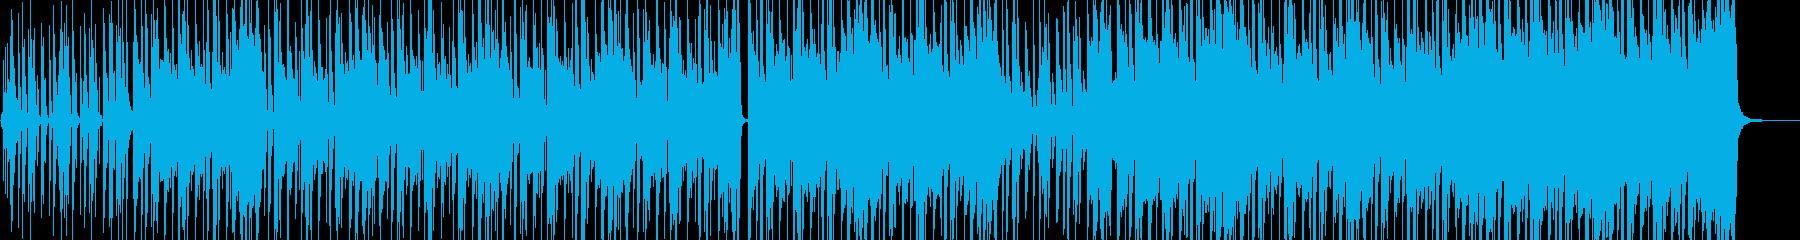 ストリート育ちイメージのヒップホップ Bの再生済みの波形